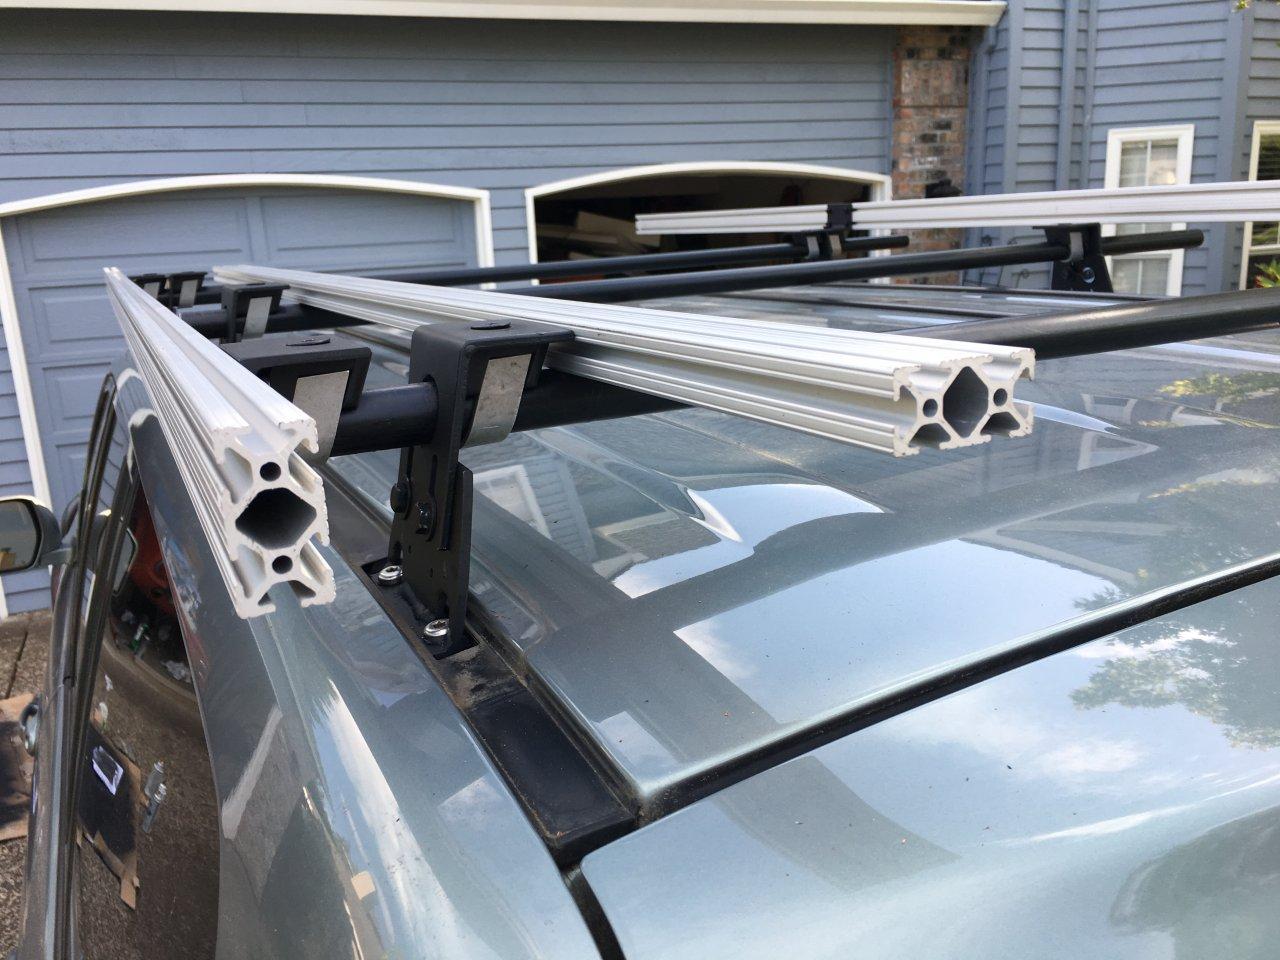 4runner Roof Rack